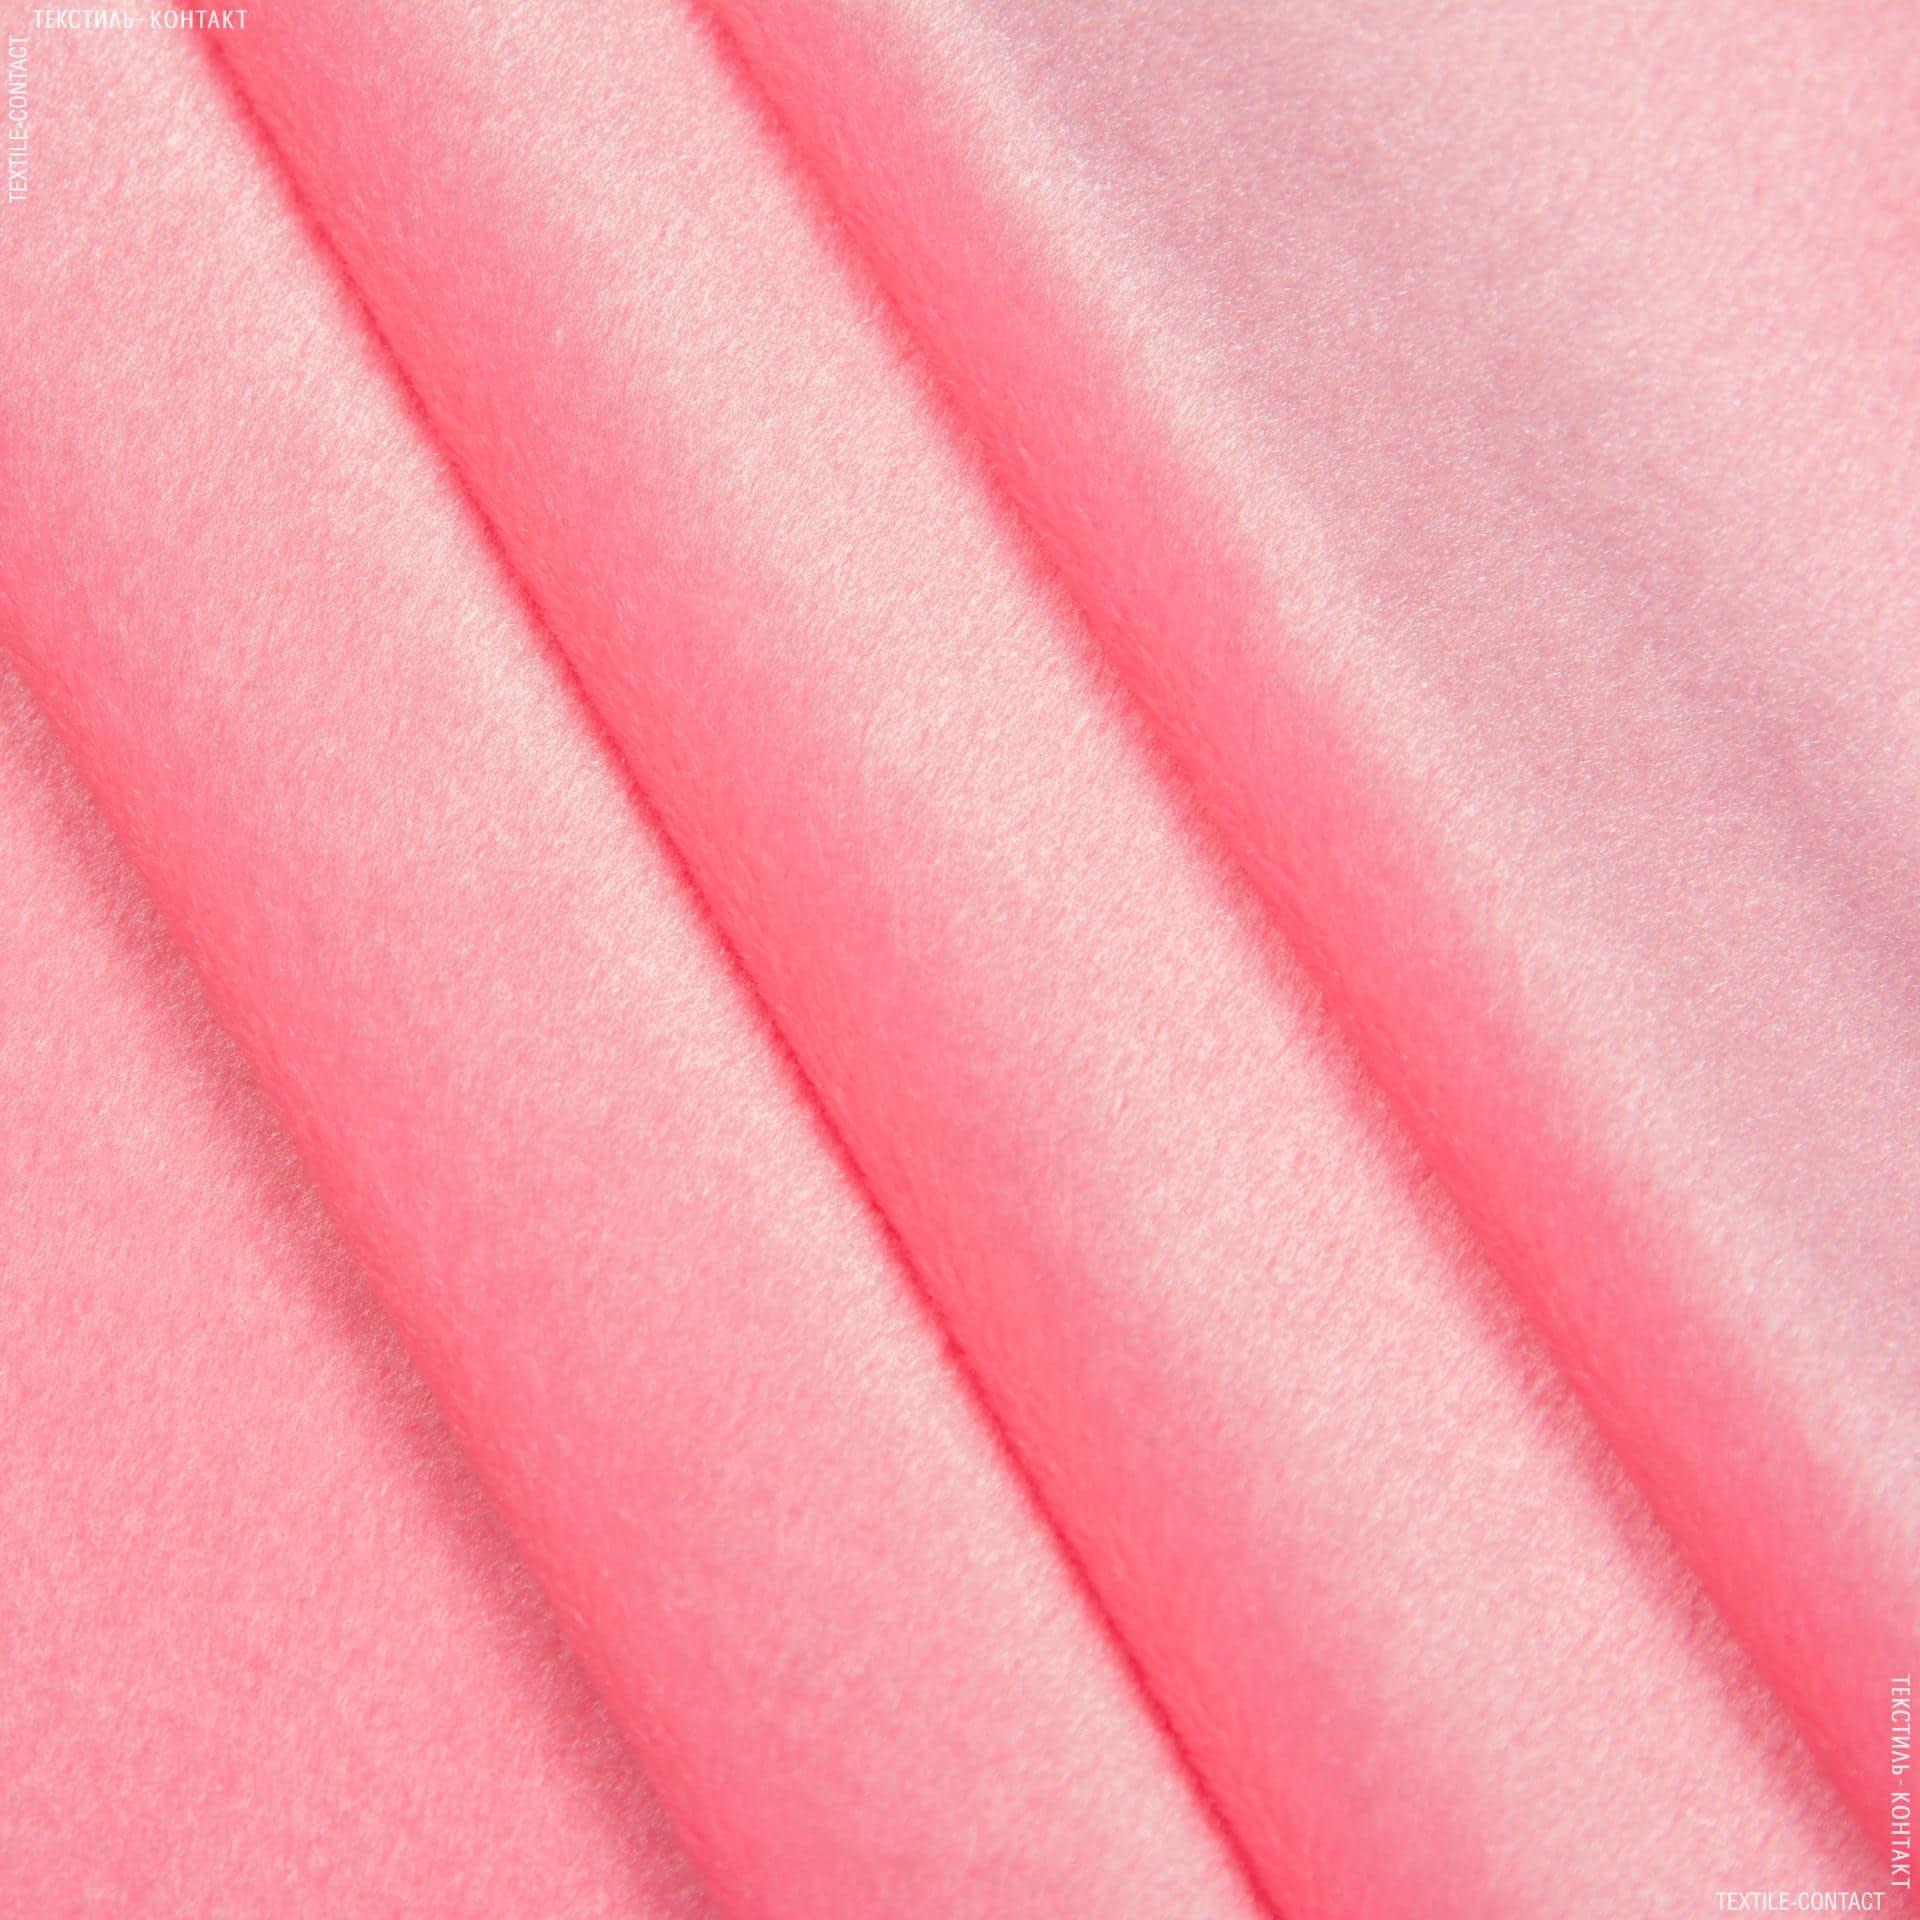 Тканини для м'яких іграшок - Велюр світло-рожевий